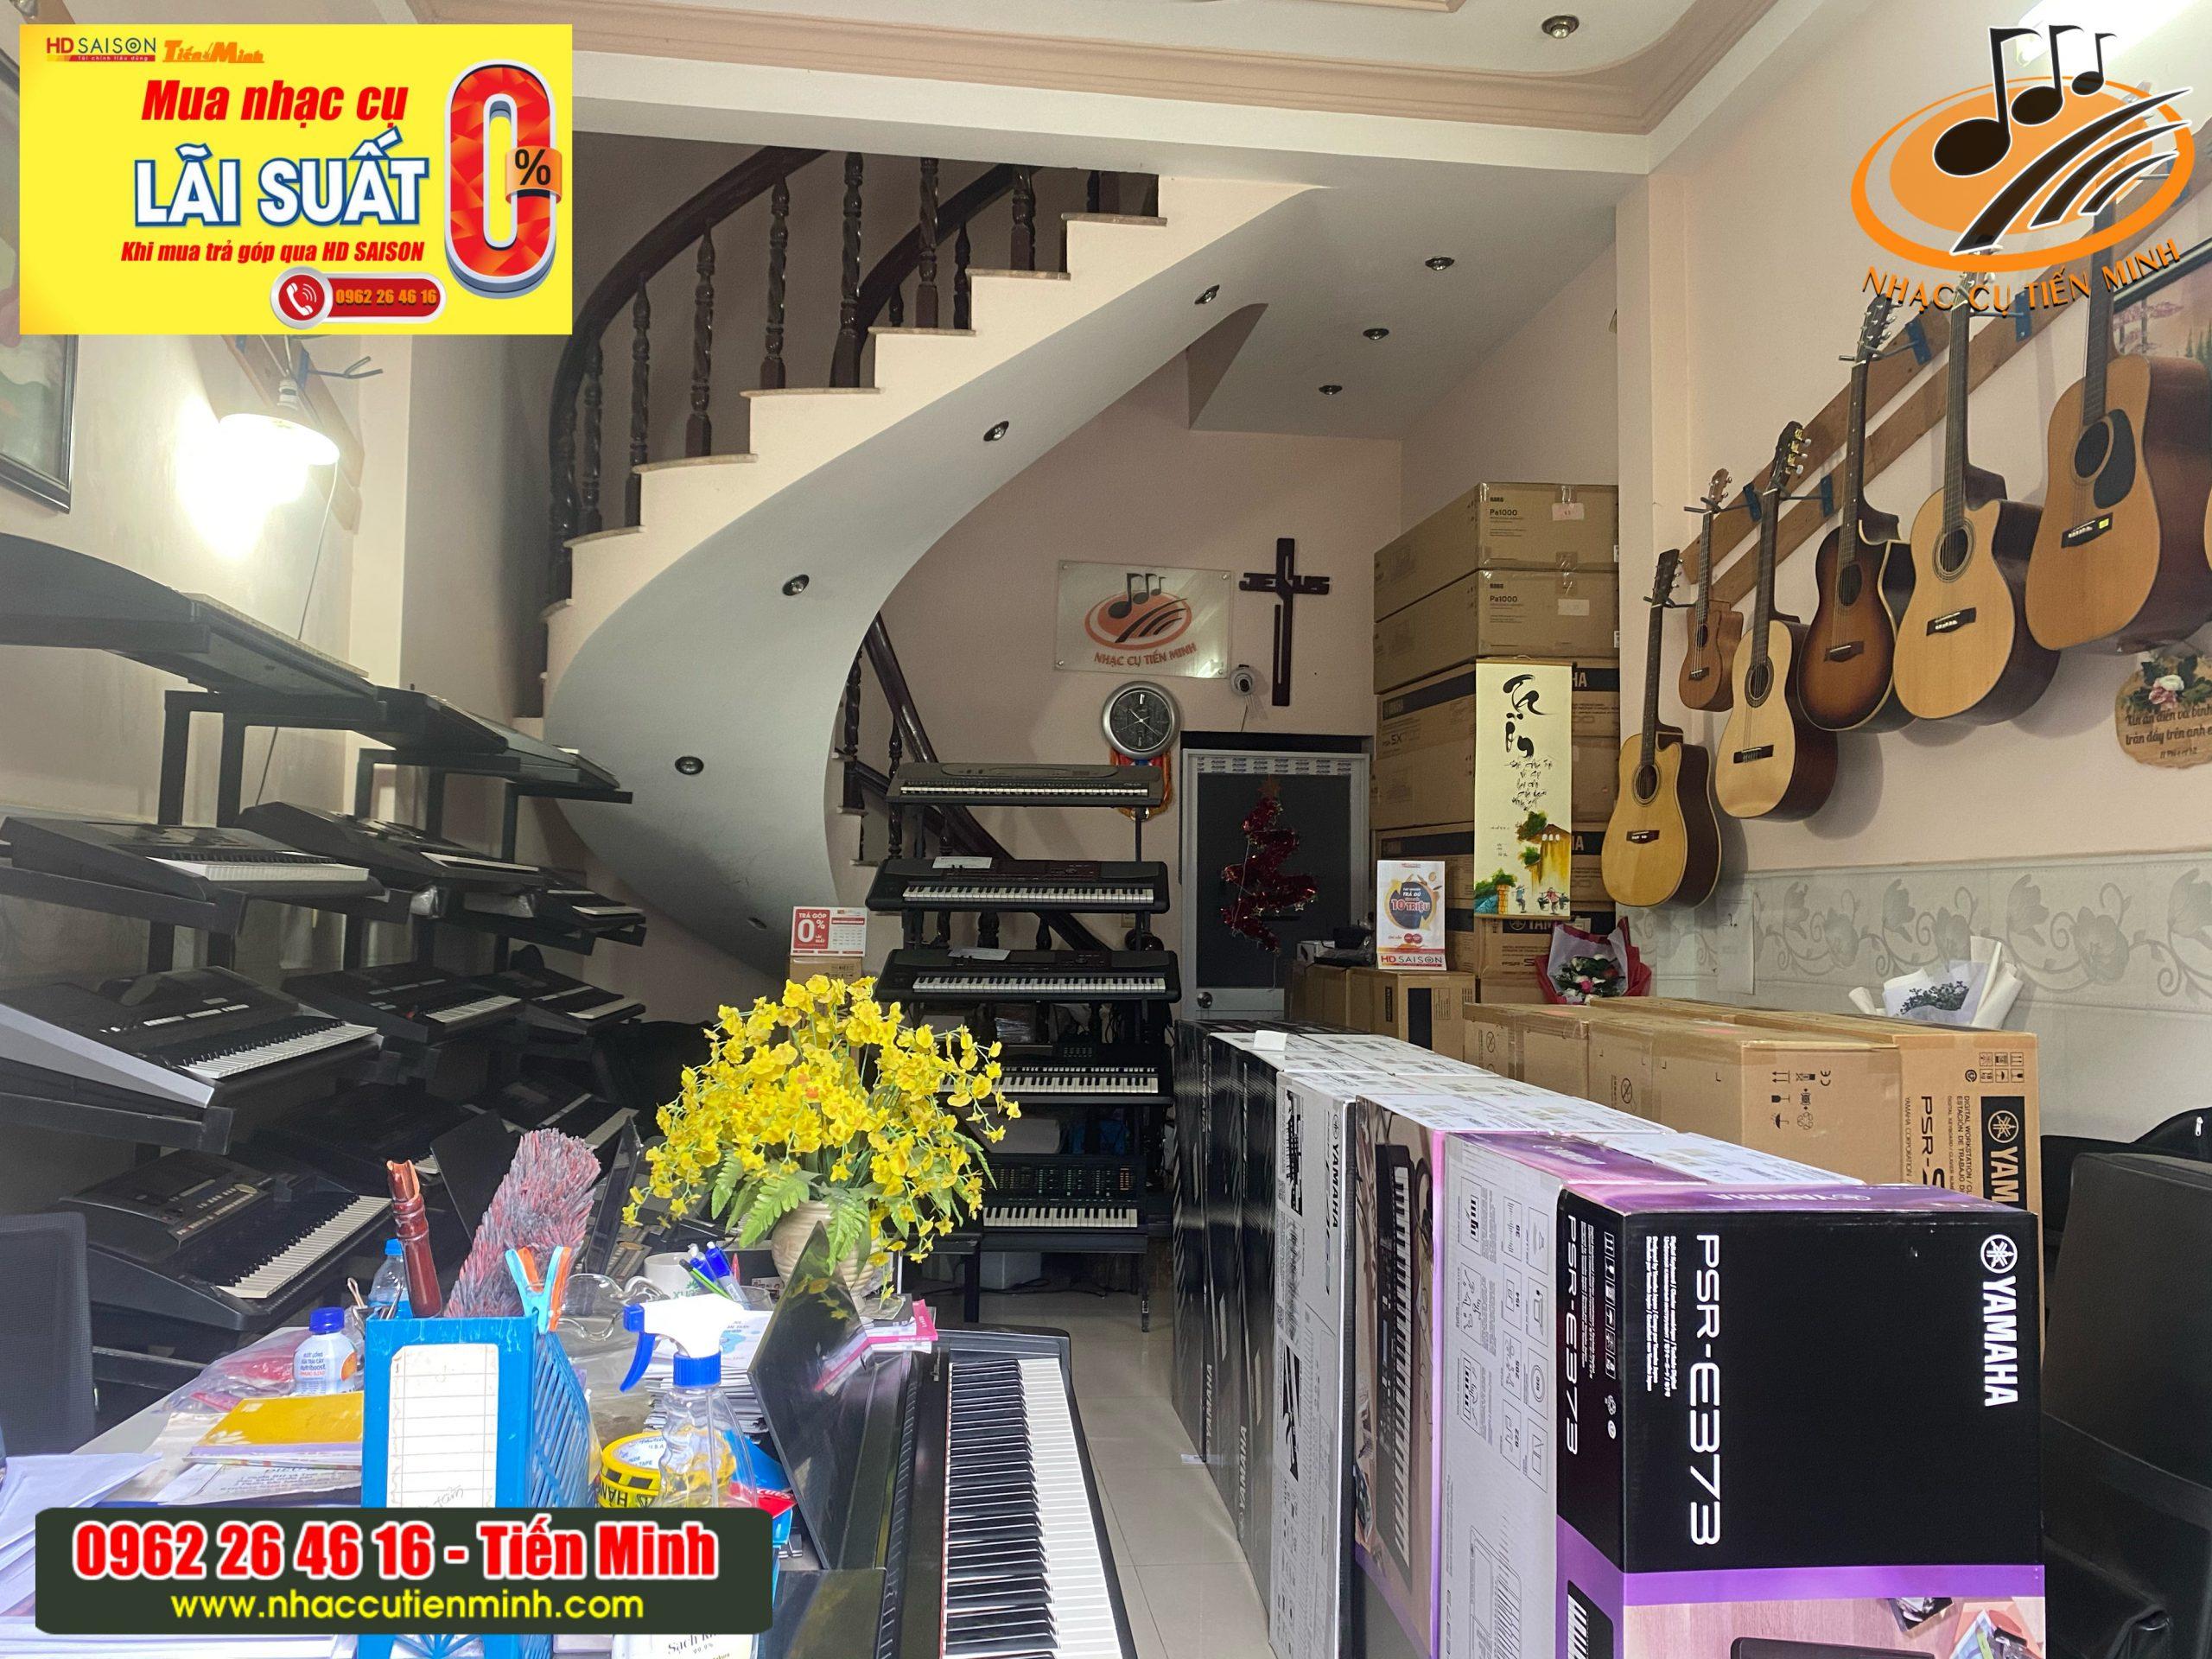 Cửa hàng Nhạc cụ Tiến Minh tại Quận 12 Tphcm